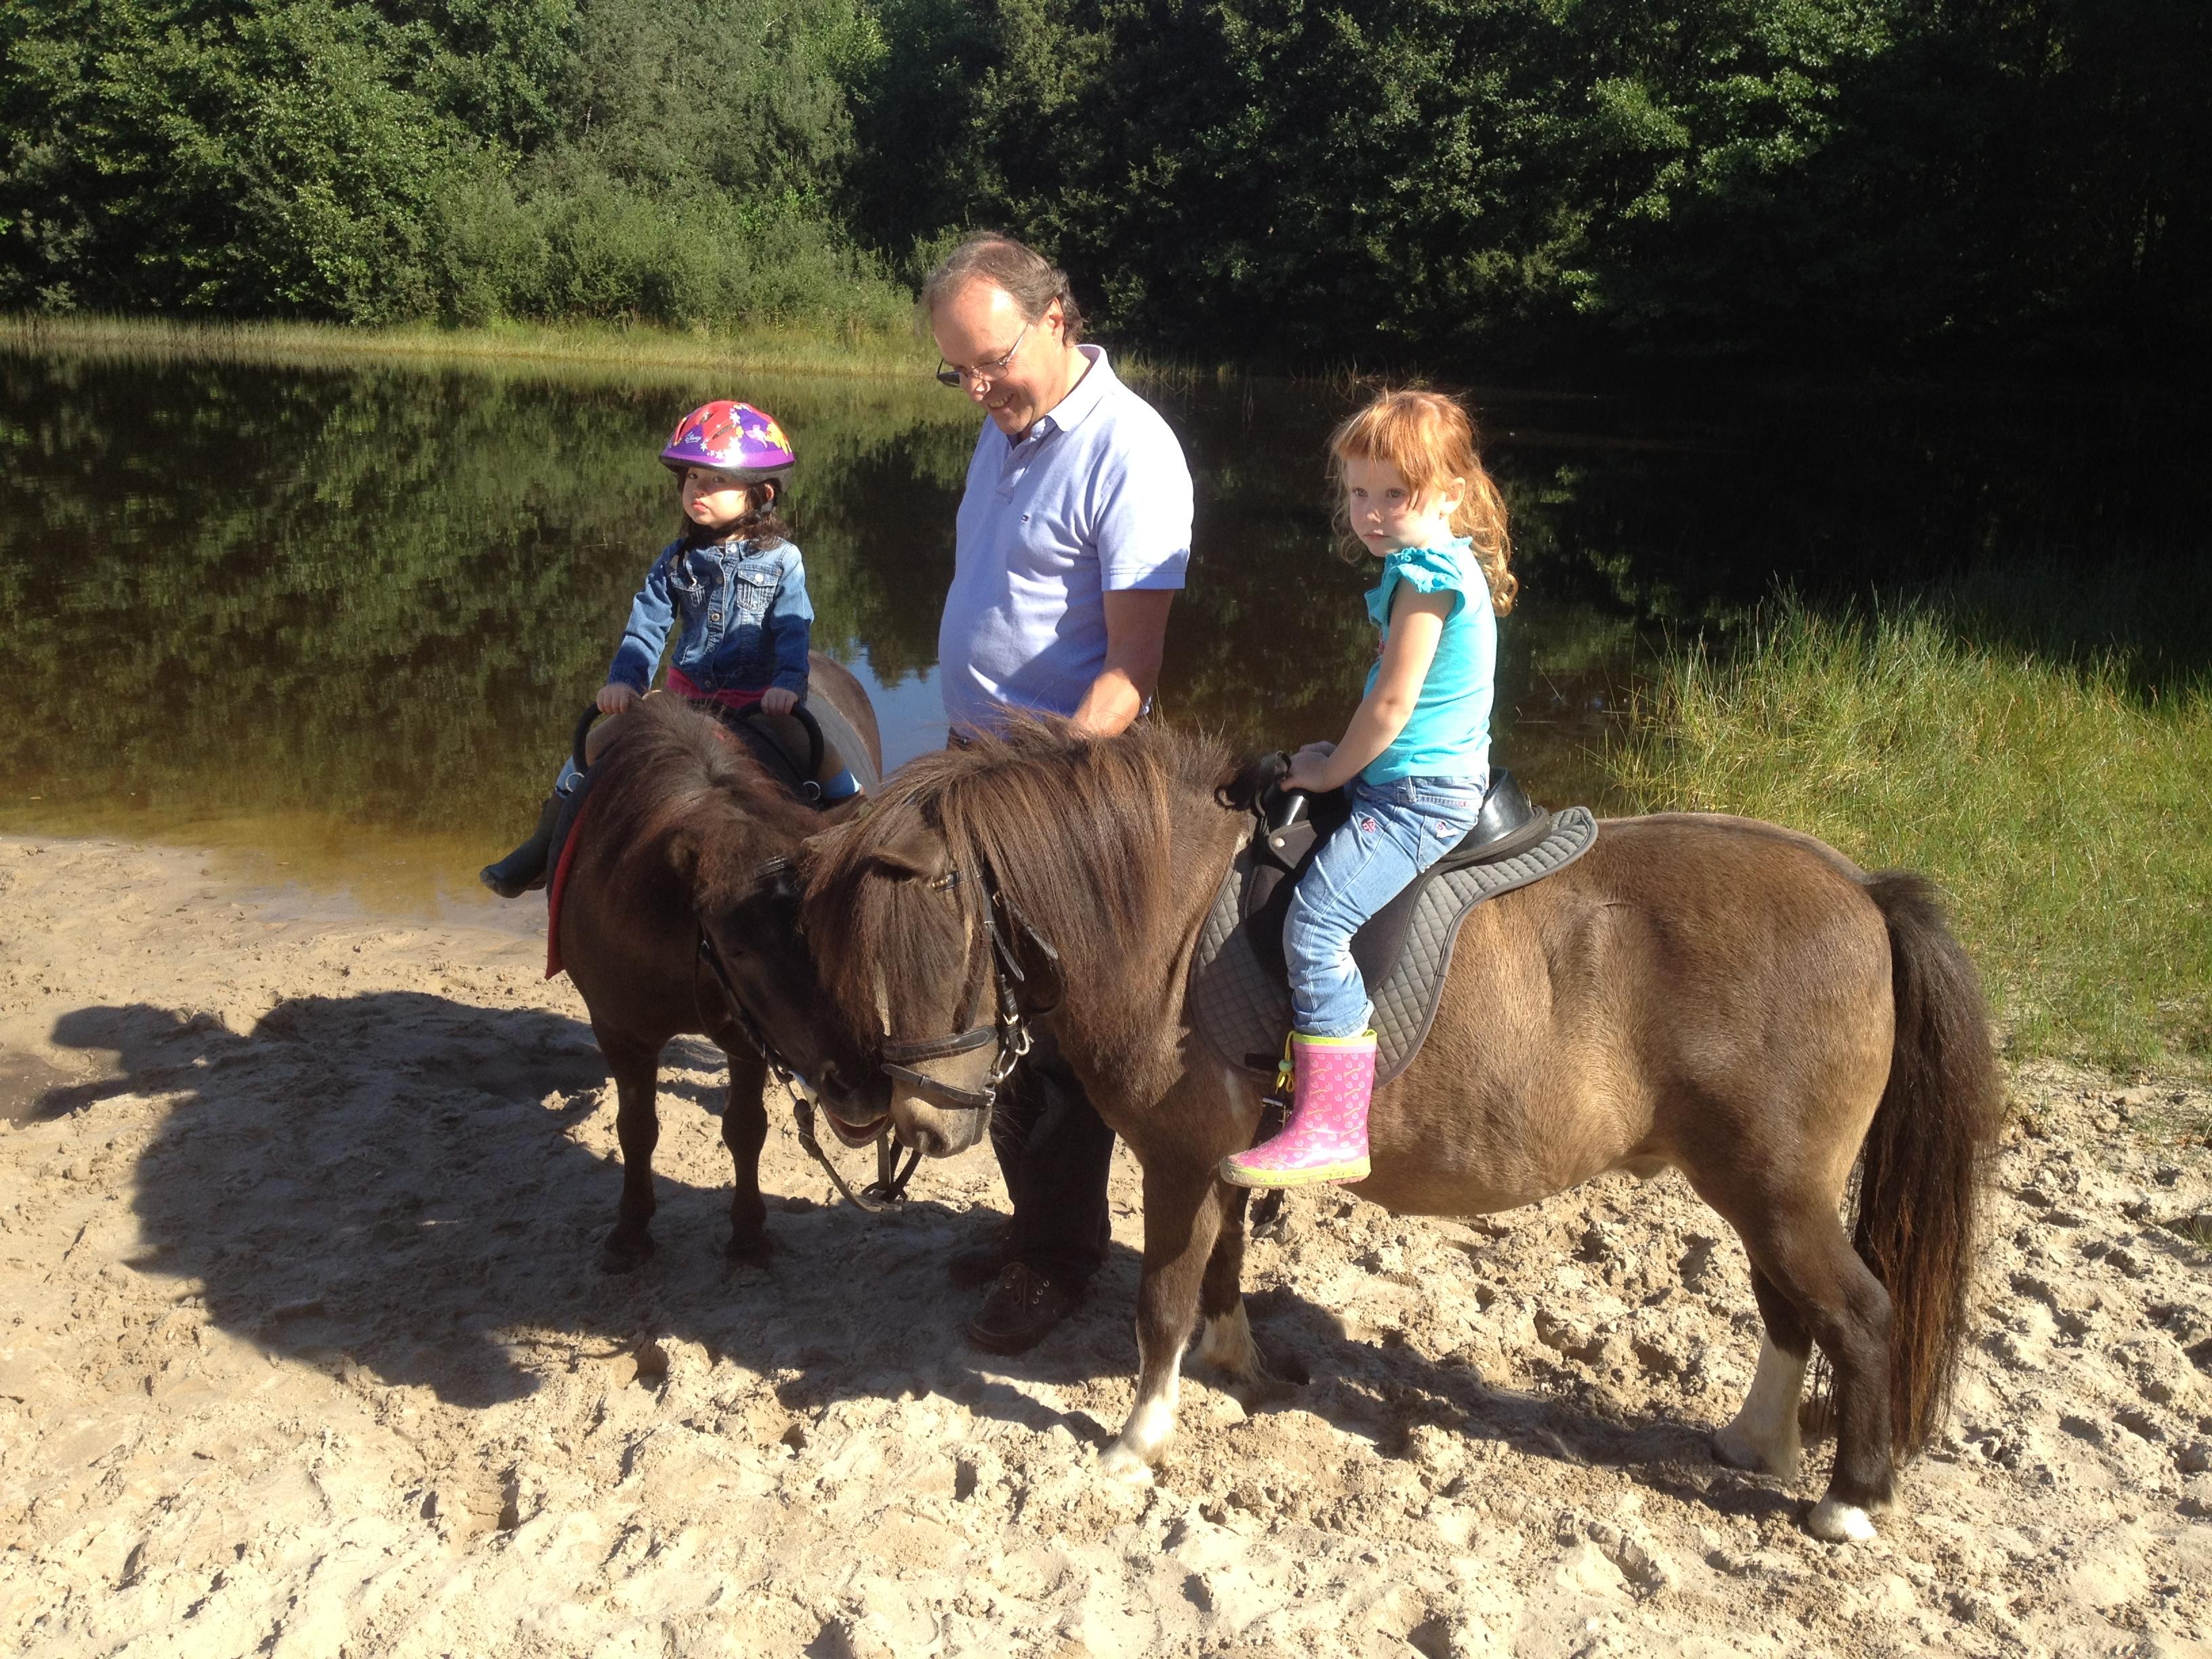 große und kleine Pferde warten auf junge Reiter, die alle nach ihren Fähigkeiten gefördert werden